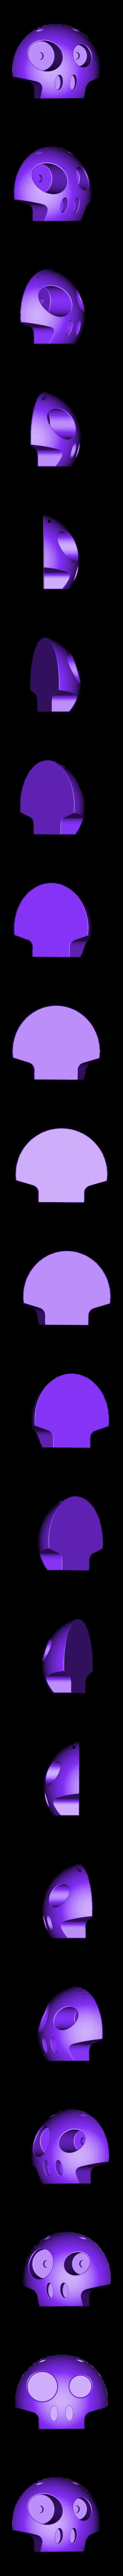 Skelton_Head.stl Download free STL file Halloween Glow in the dark wall/door hanger (Skelton) • 3D print object, Pongo